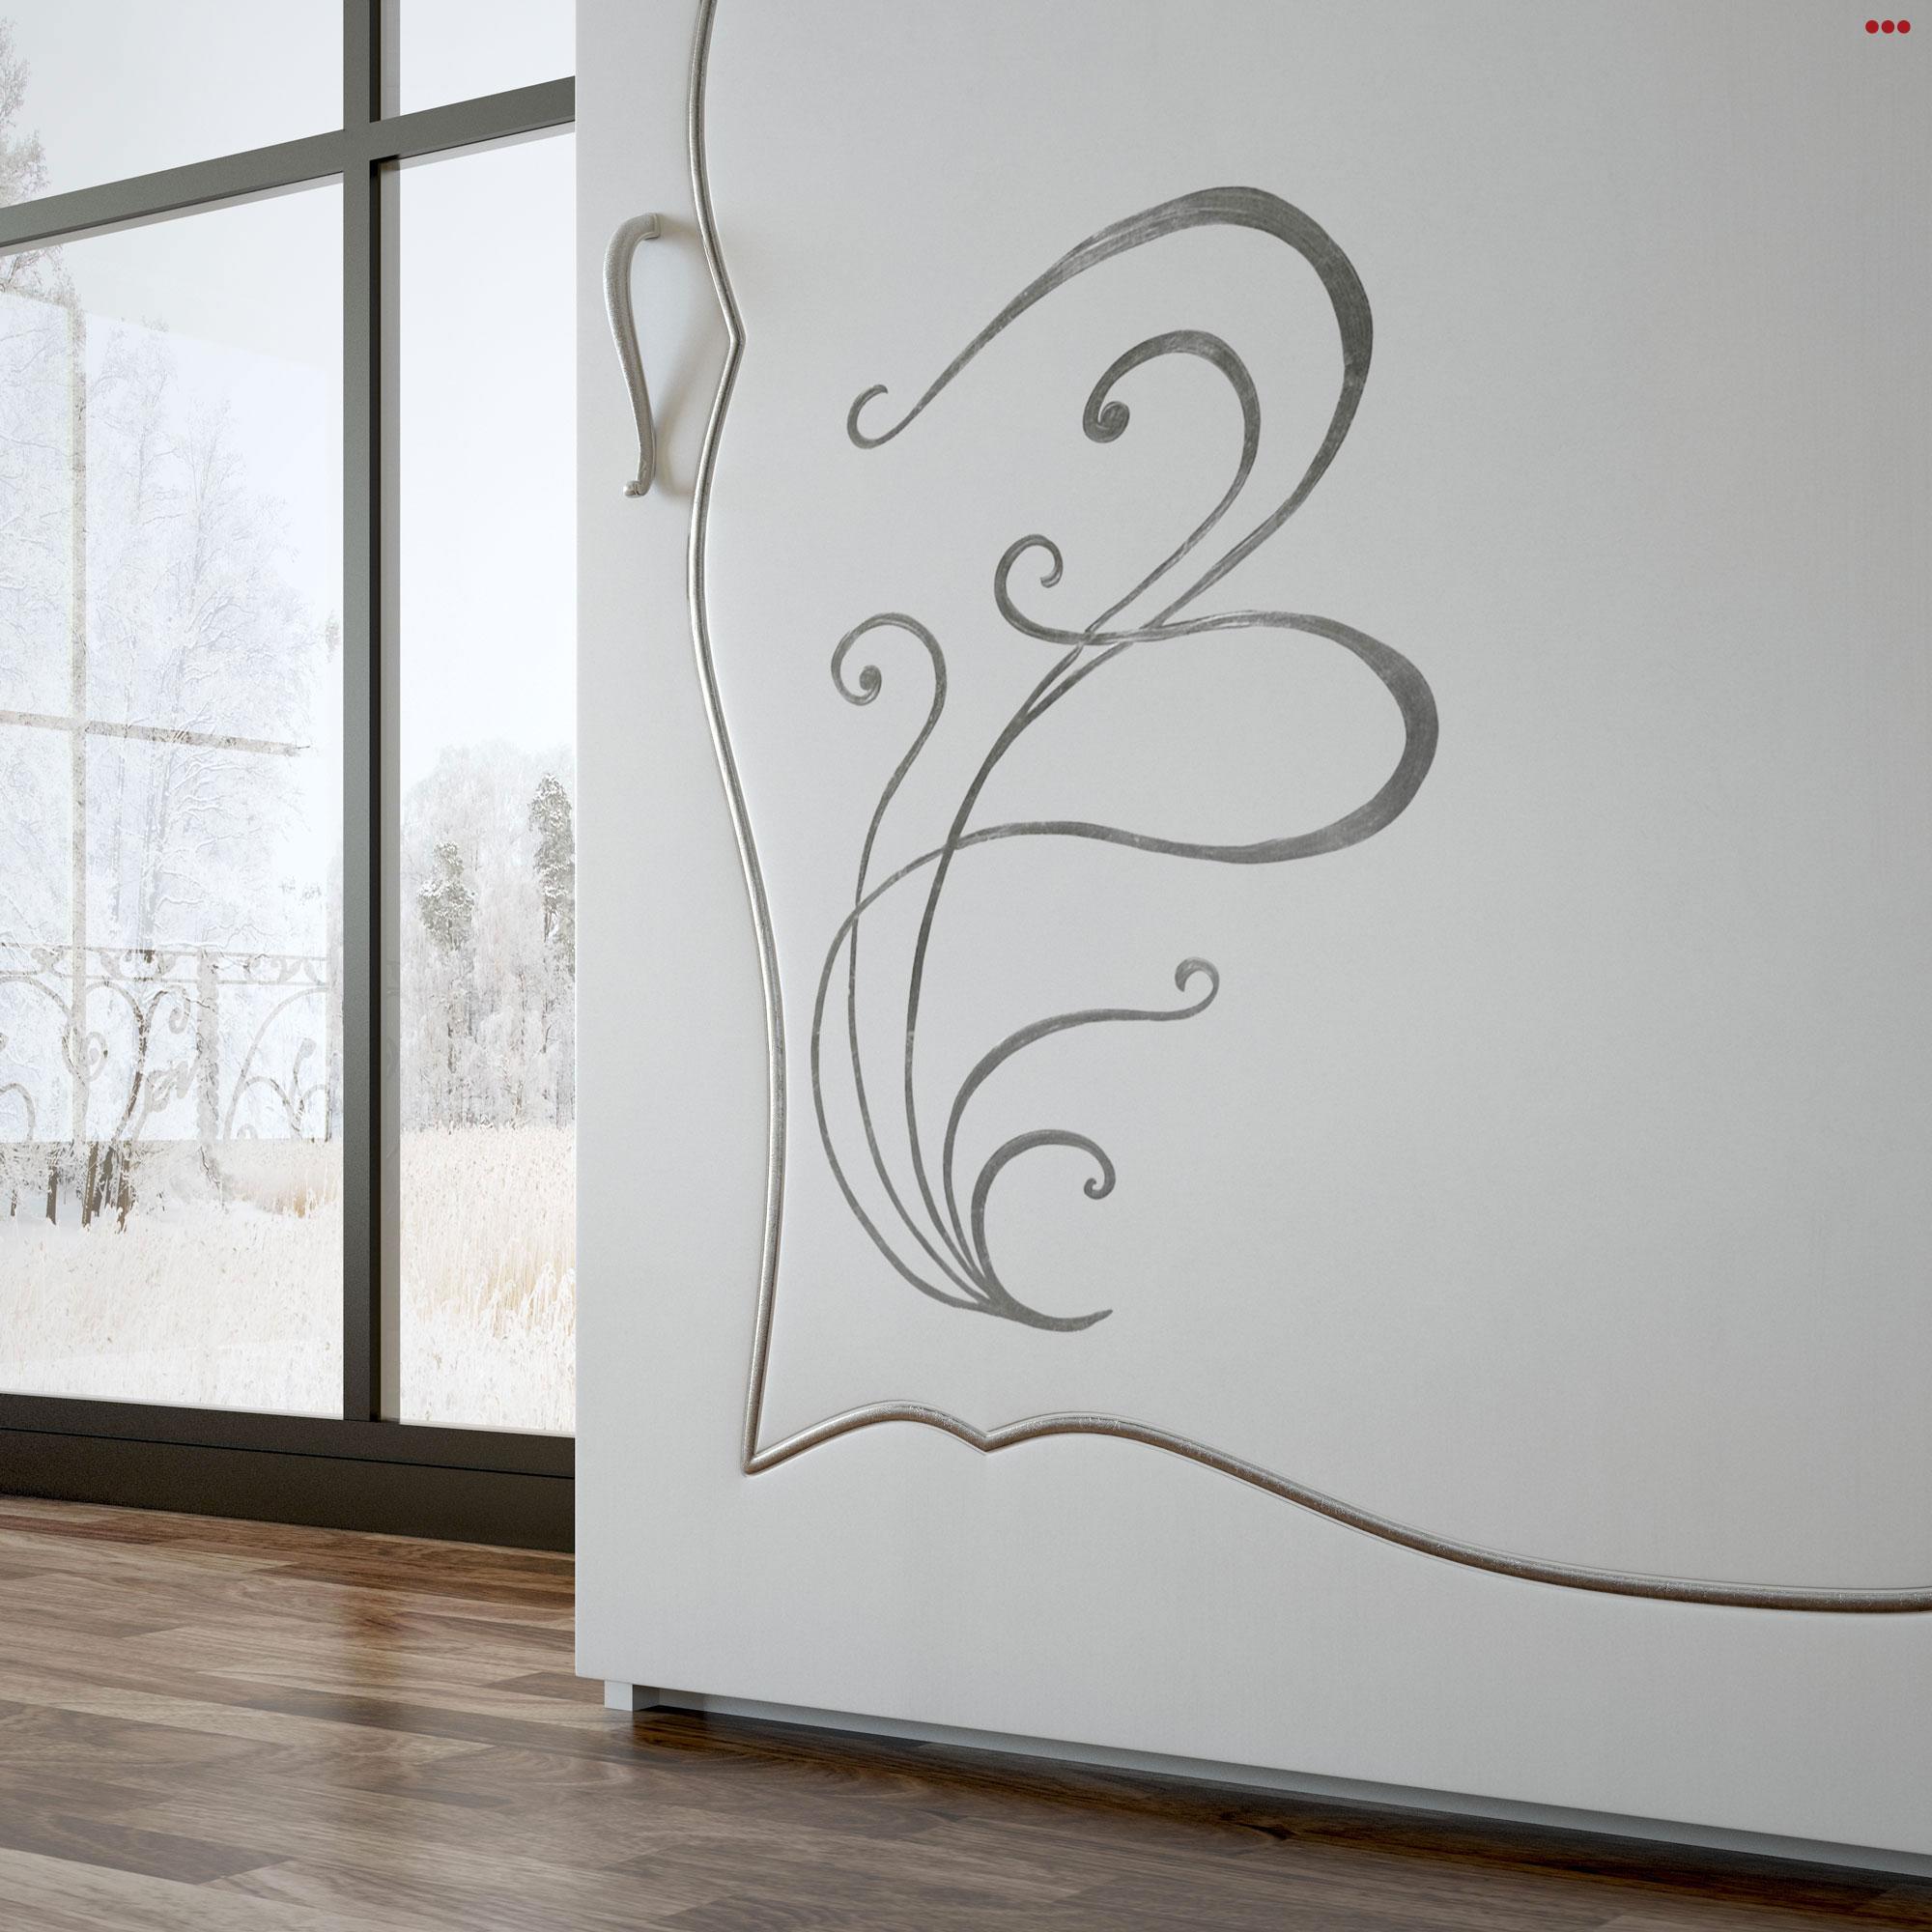 Studio Bartolini rendering progettazione 3d mobile classico catalogo euro design 2013 VFB Plus camera A parti armadio